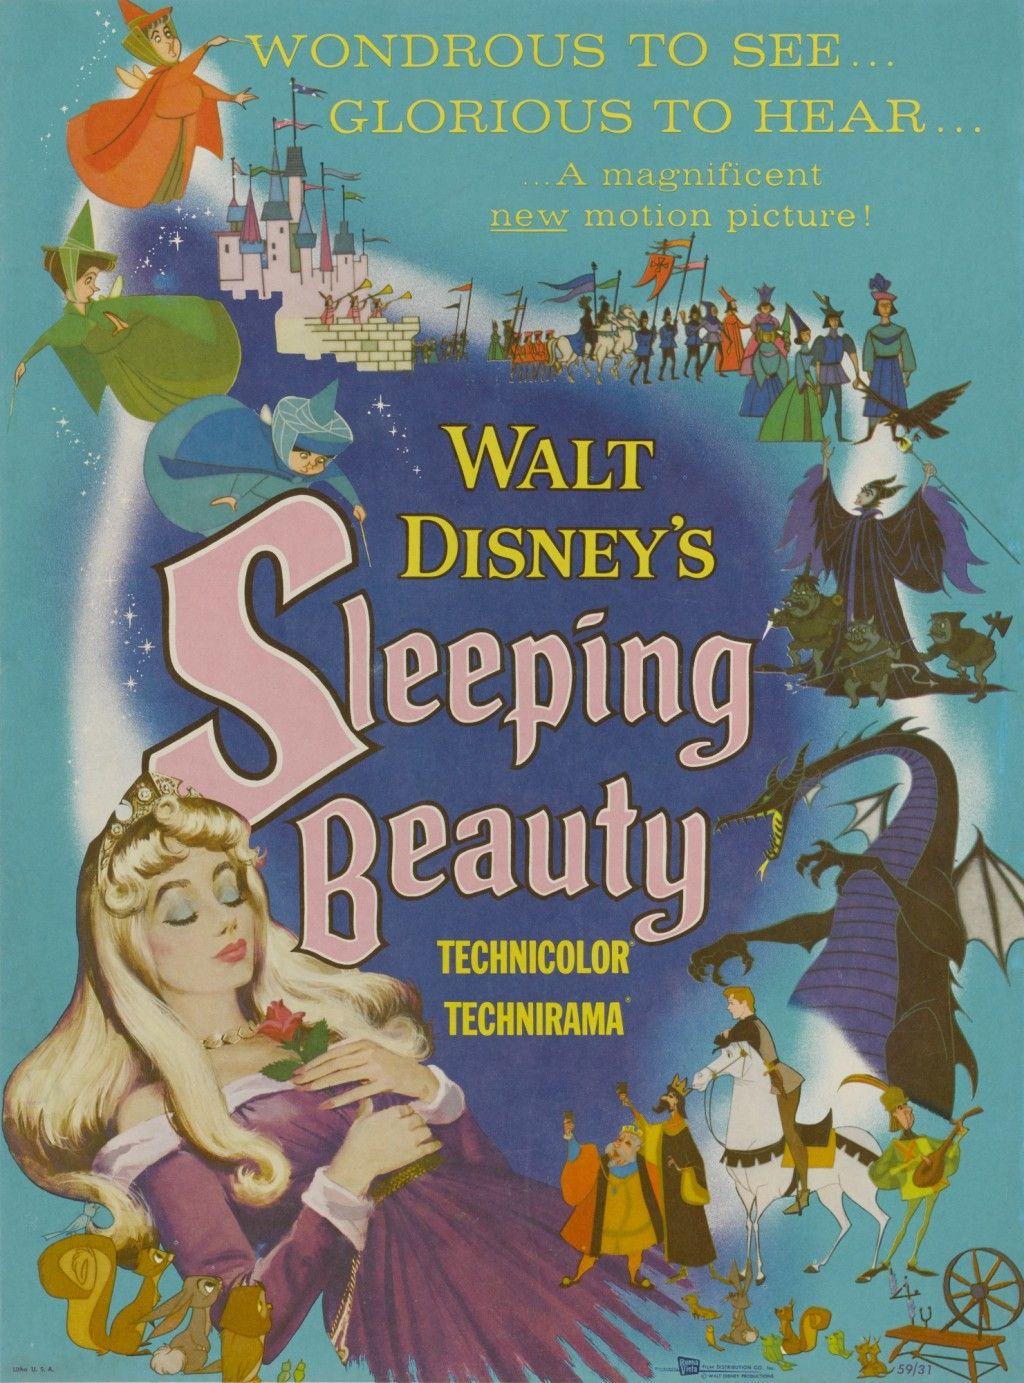 Original Film Posters Online Place Bid Sleeping Beauty 1959